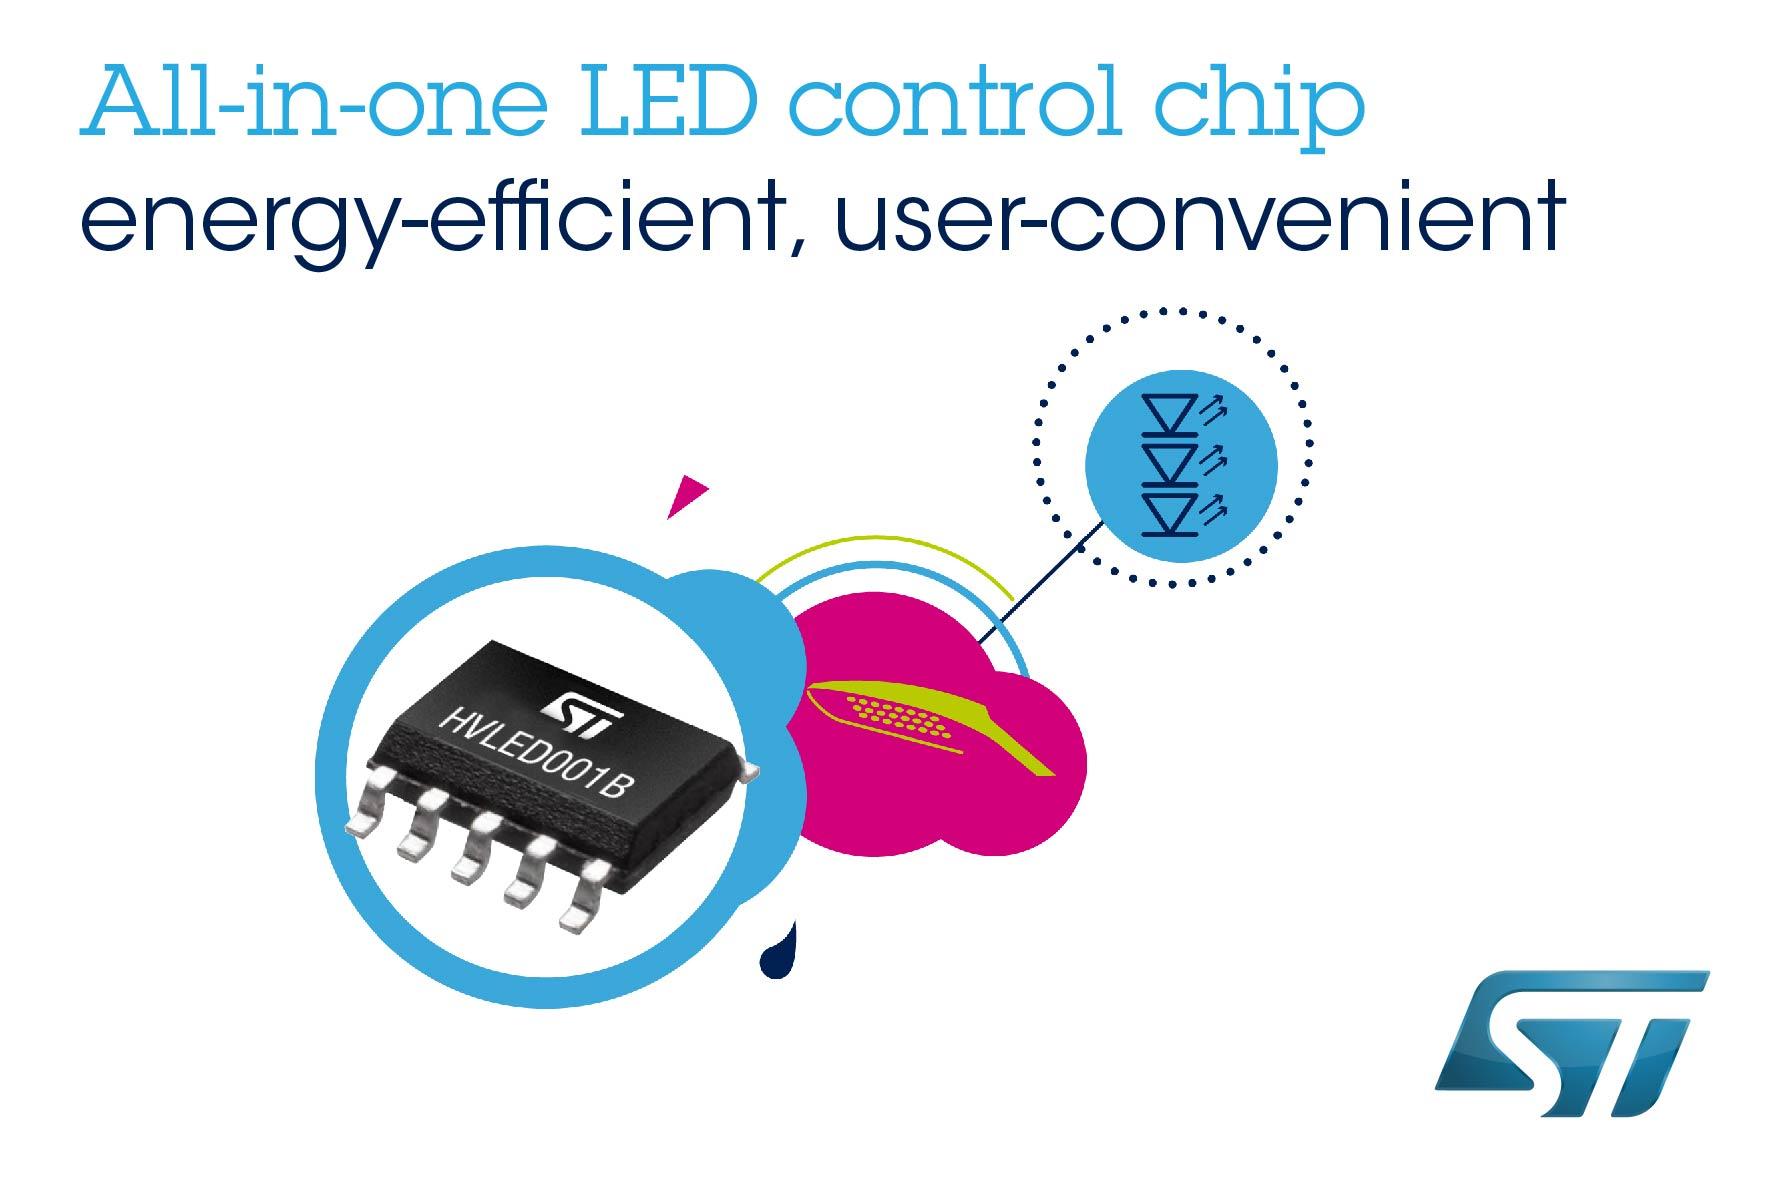 意法半導體推出最先進的照明控制器 使燈具設計使用更簡便,節能效果更好